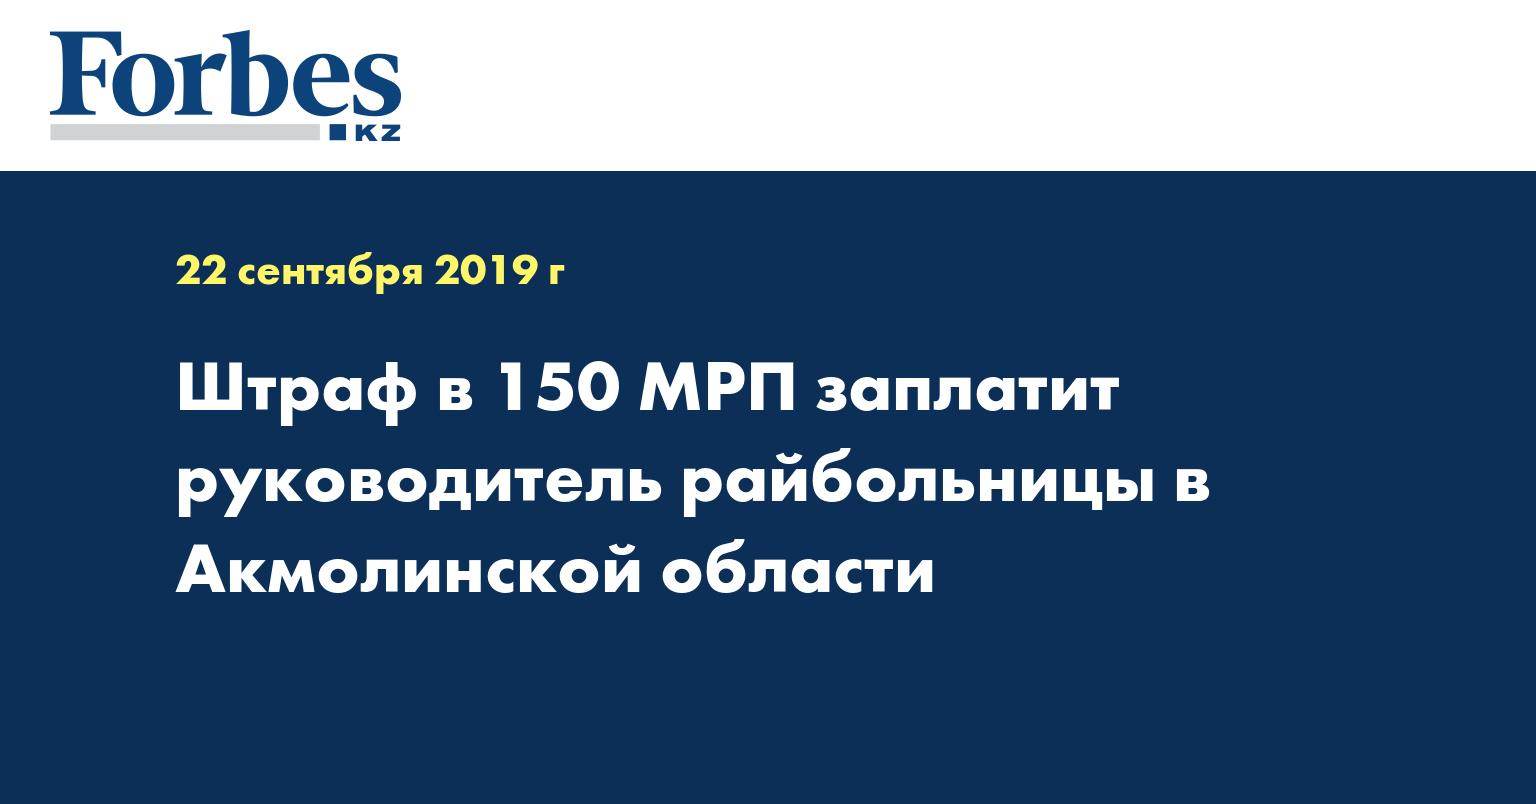 Штраф в 150 МРП заплатит руководитель райбольницы в Акмолинской области